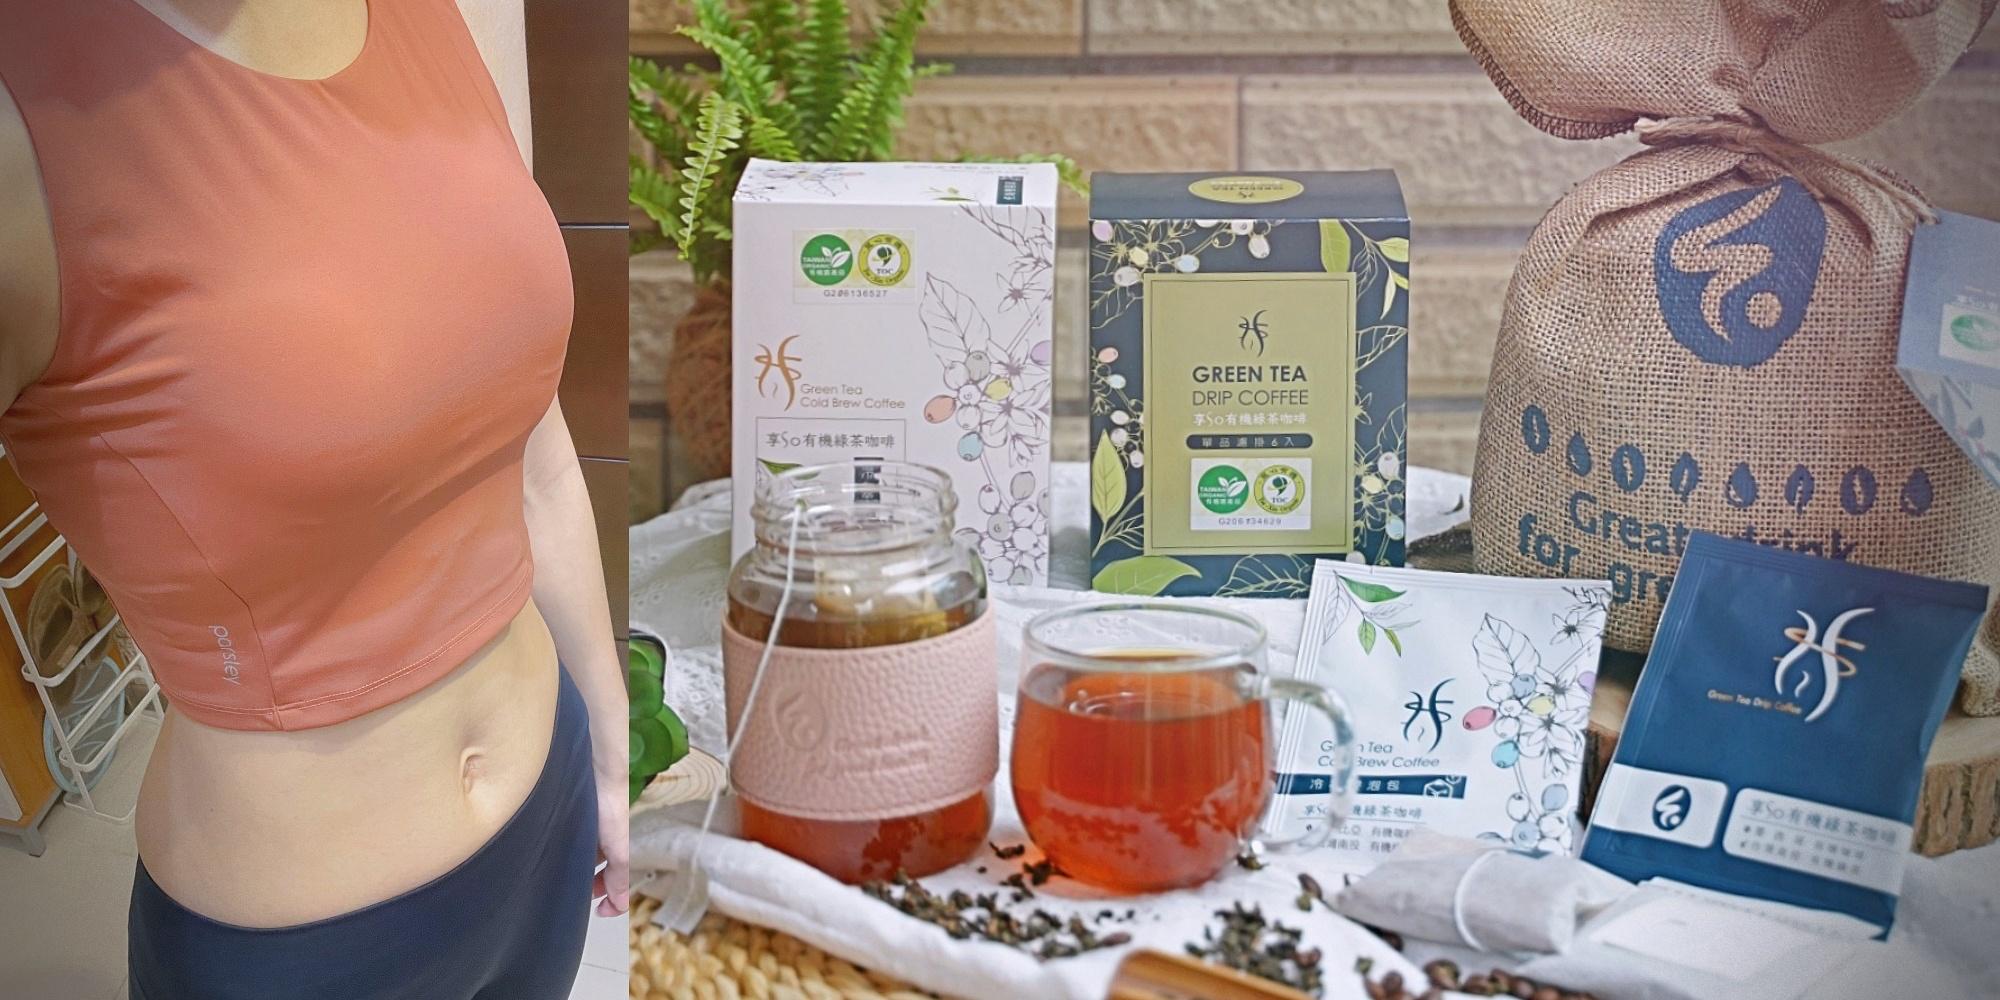 享So有機綠茶咖啡|有機綠原酸咖啡|減醣、168斷食及211餐盤的聰明選擇